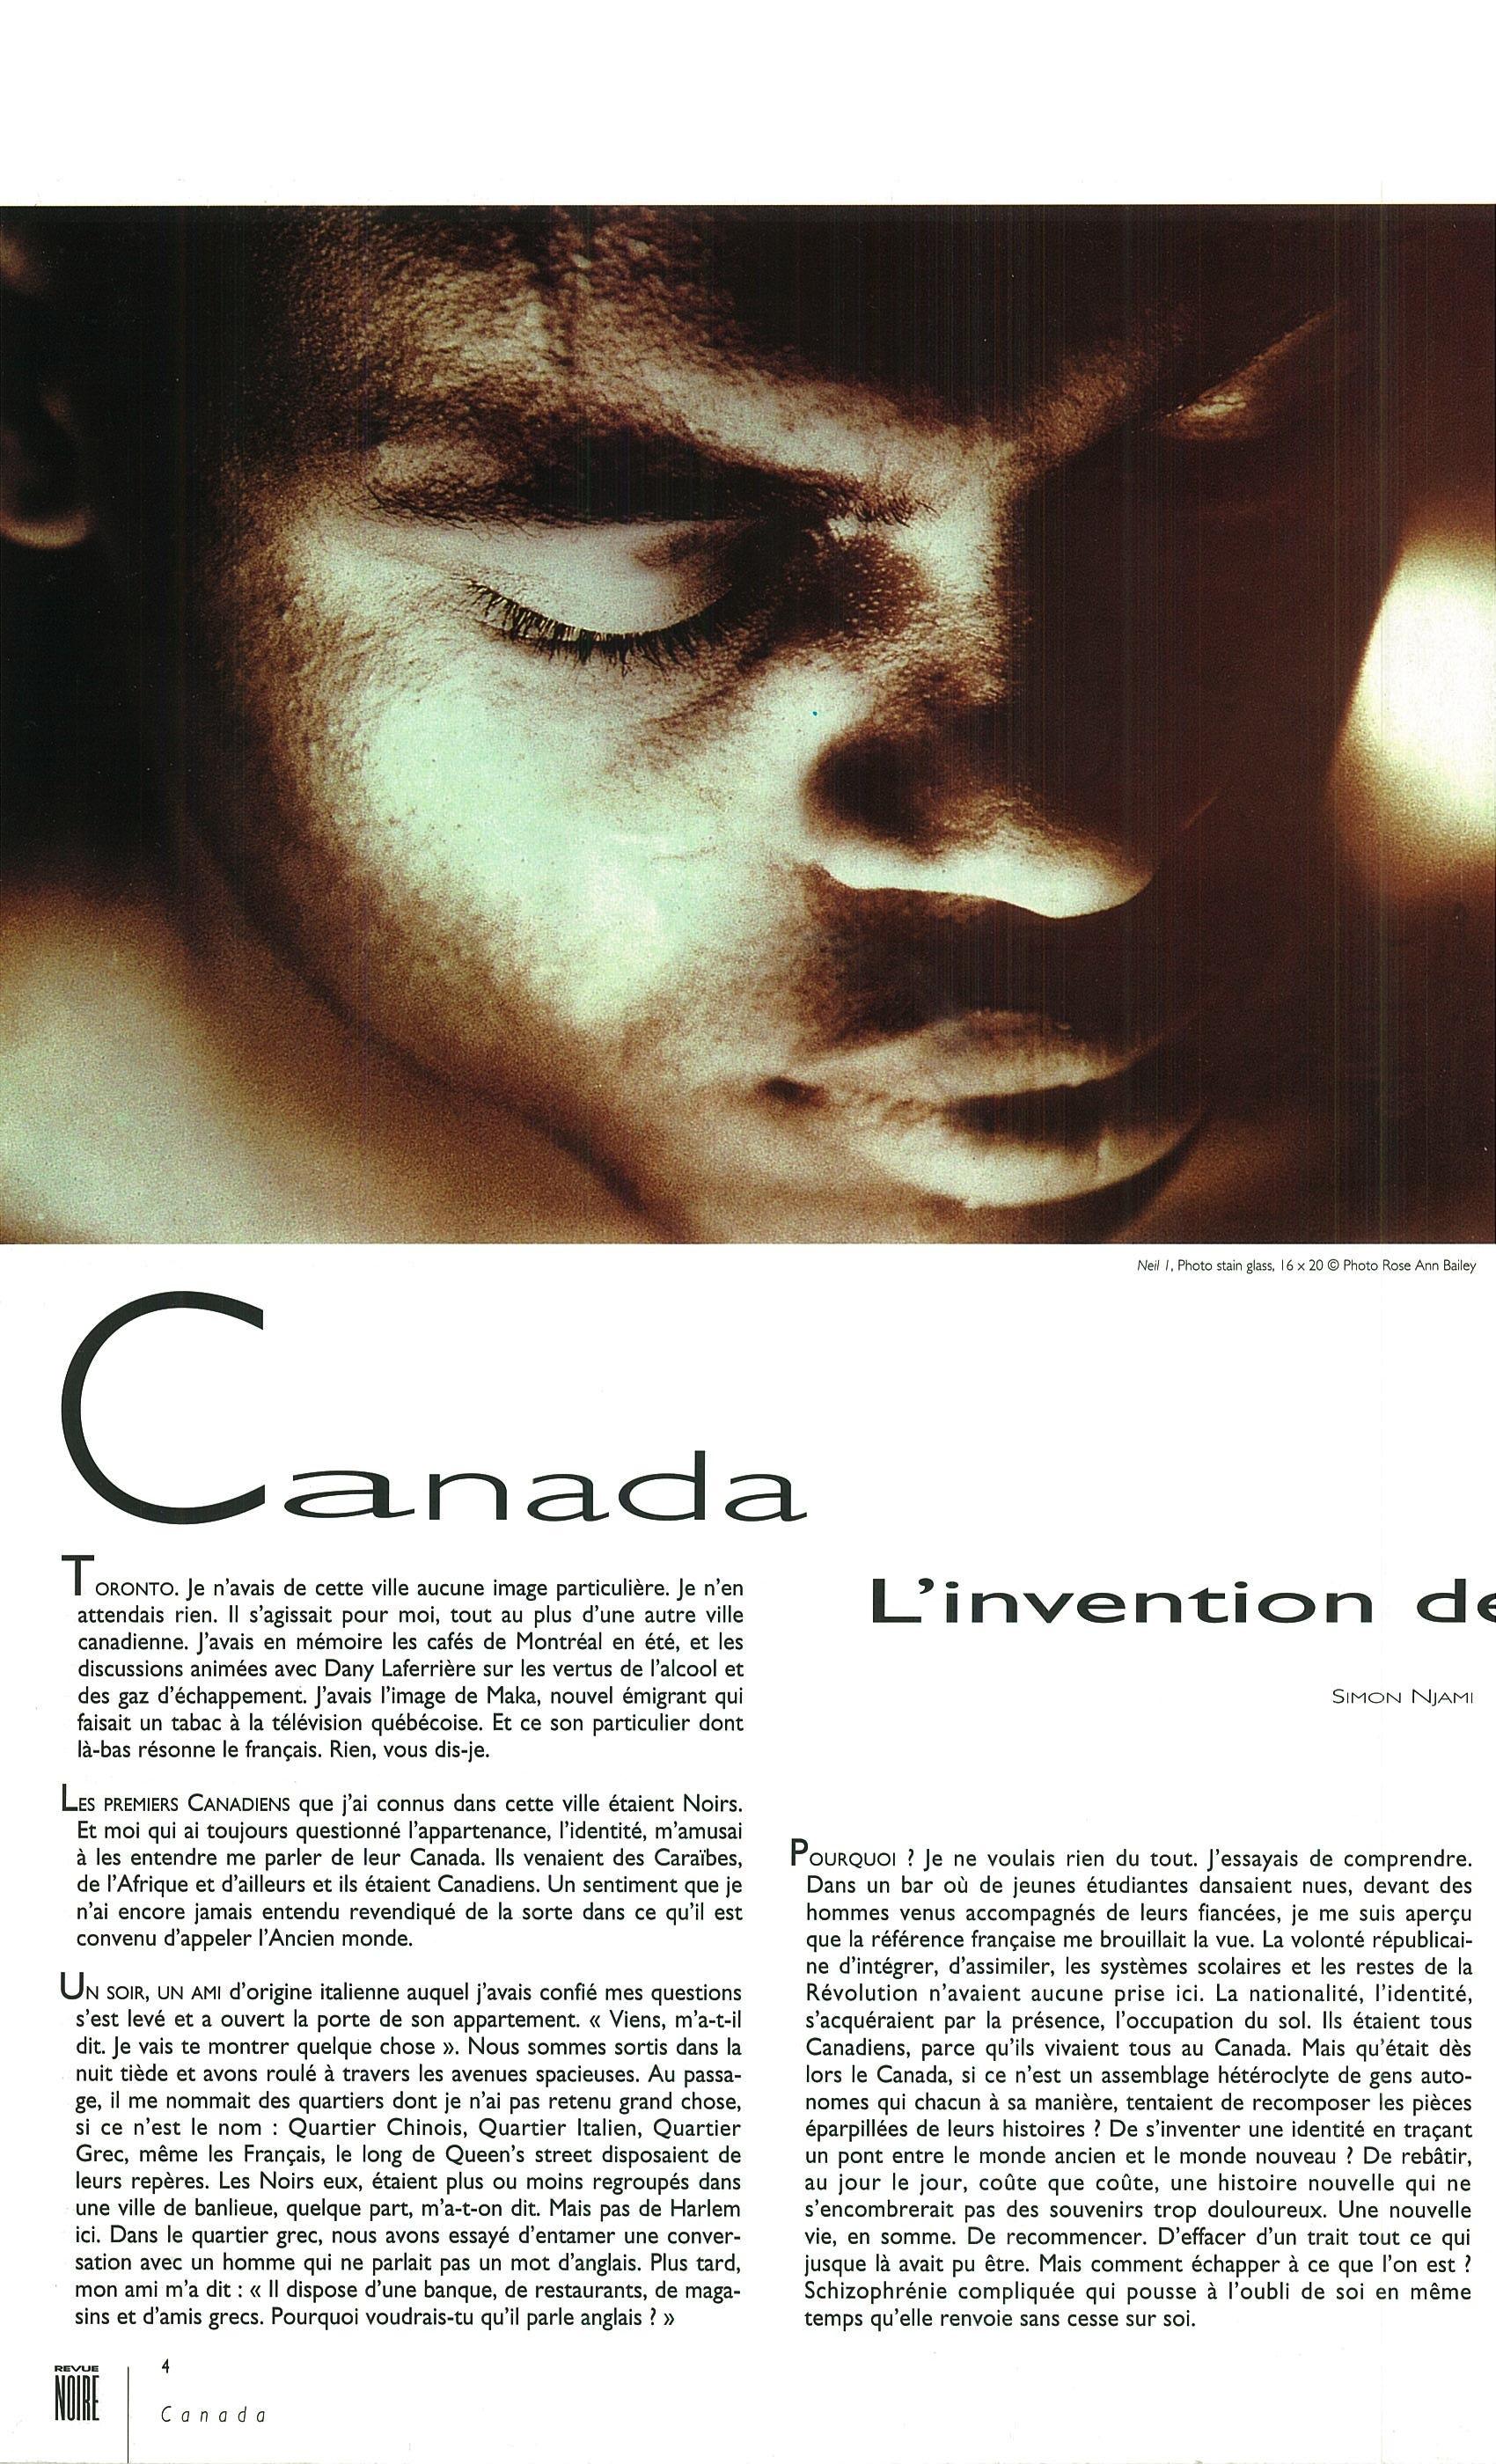 2. Revue Noire book_Page_006